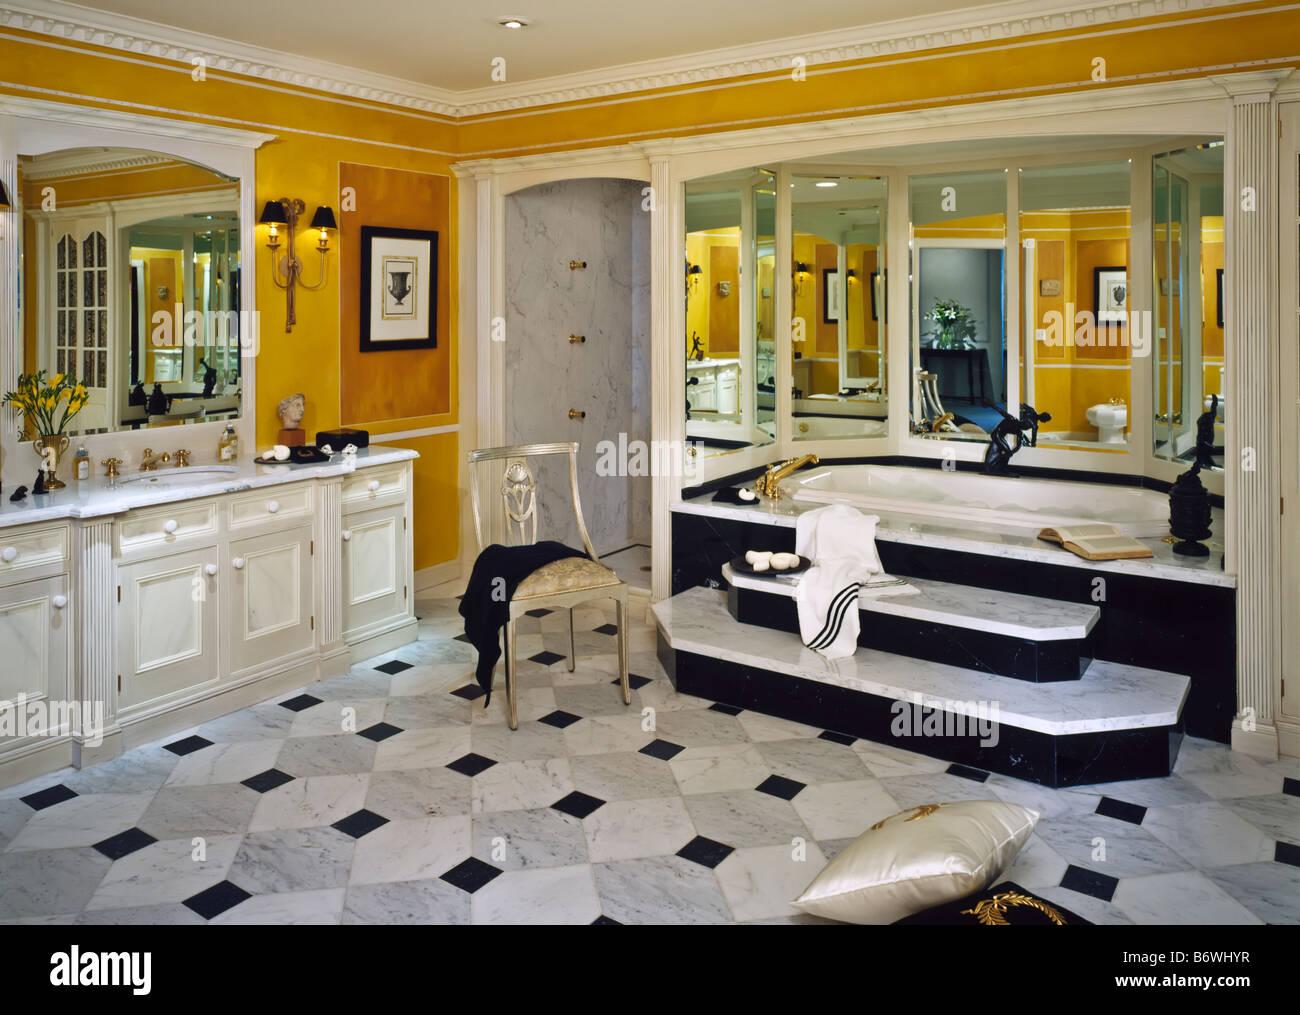 Master suite bagno vanity luce di illuminazione sala da bagno